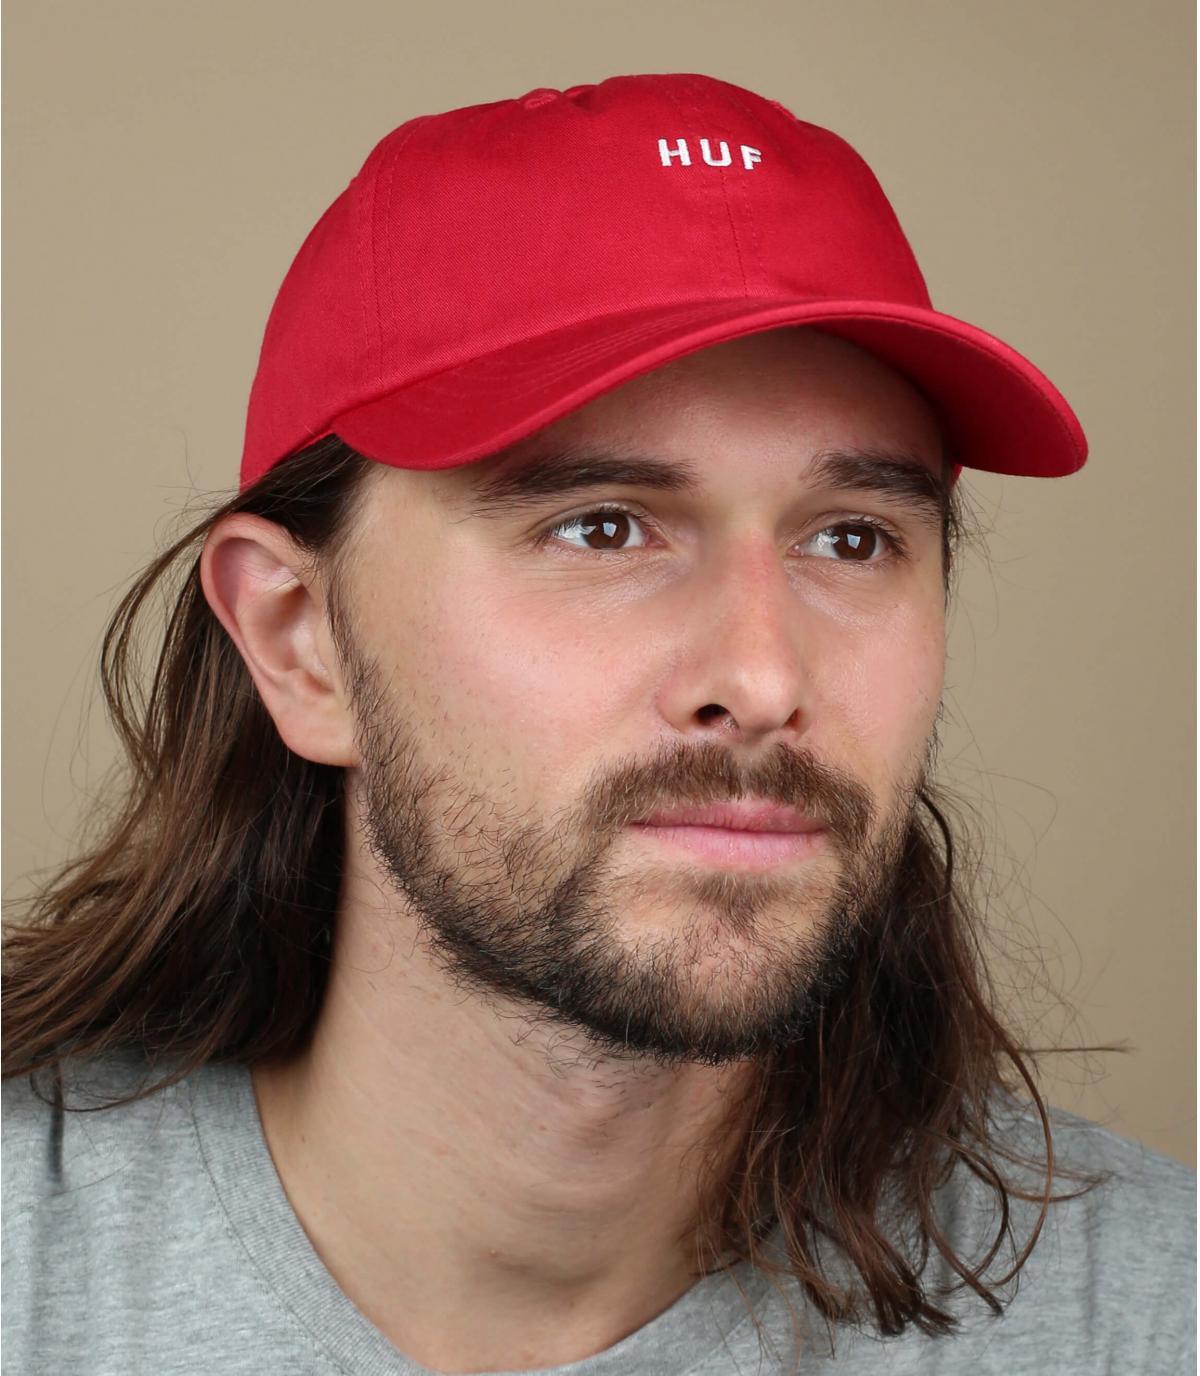 rode Huf-dop